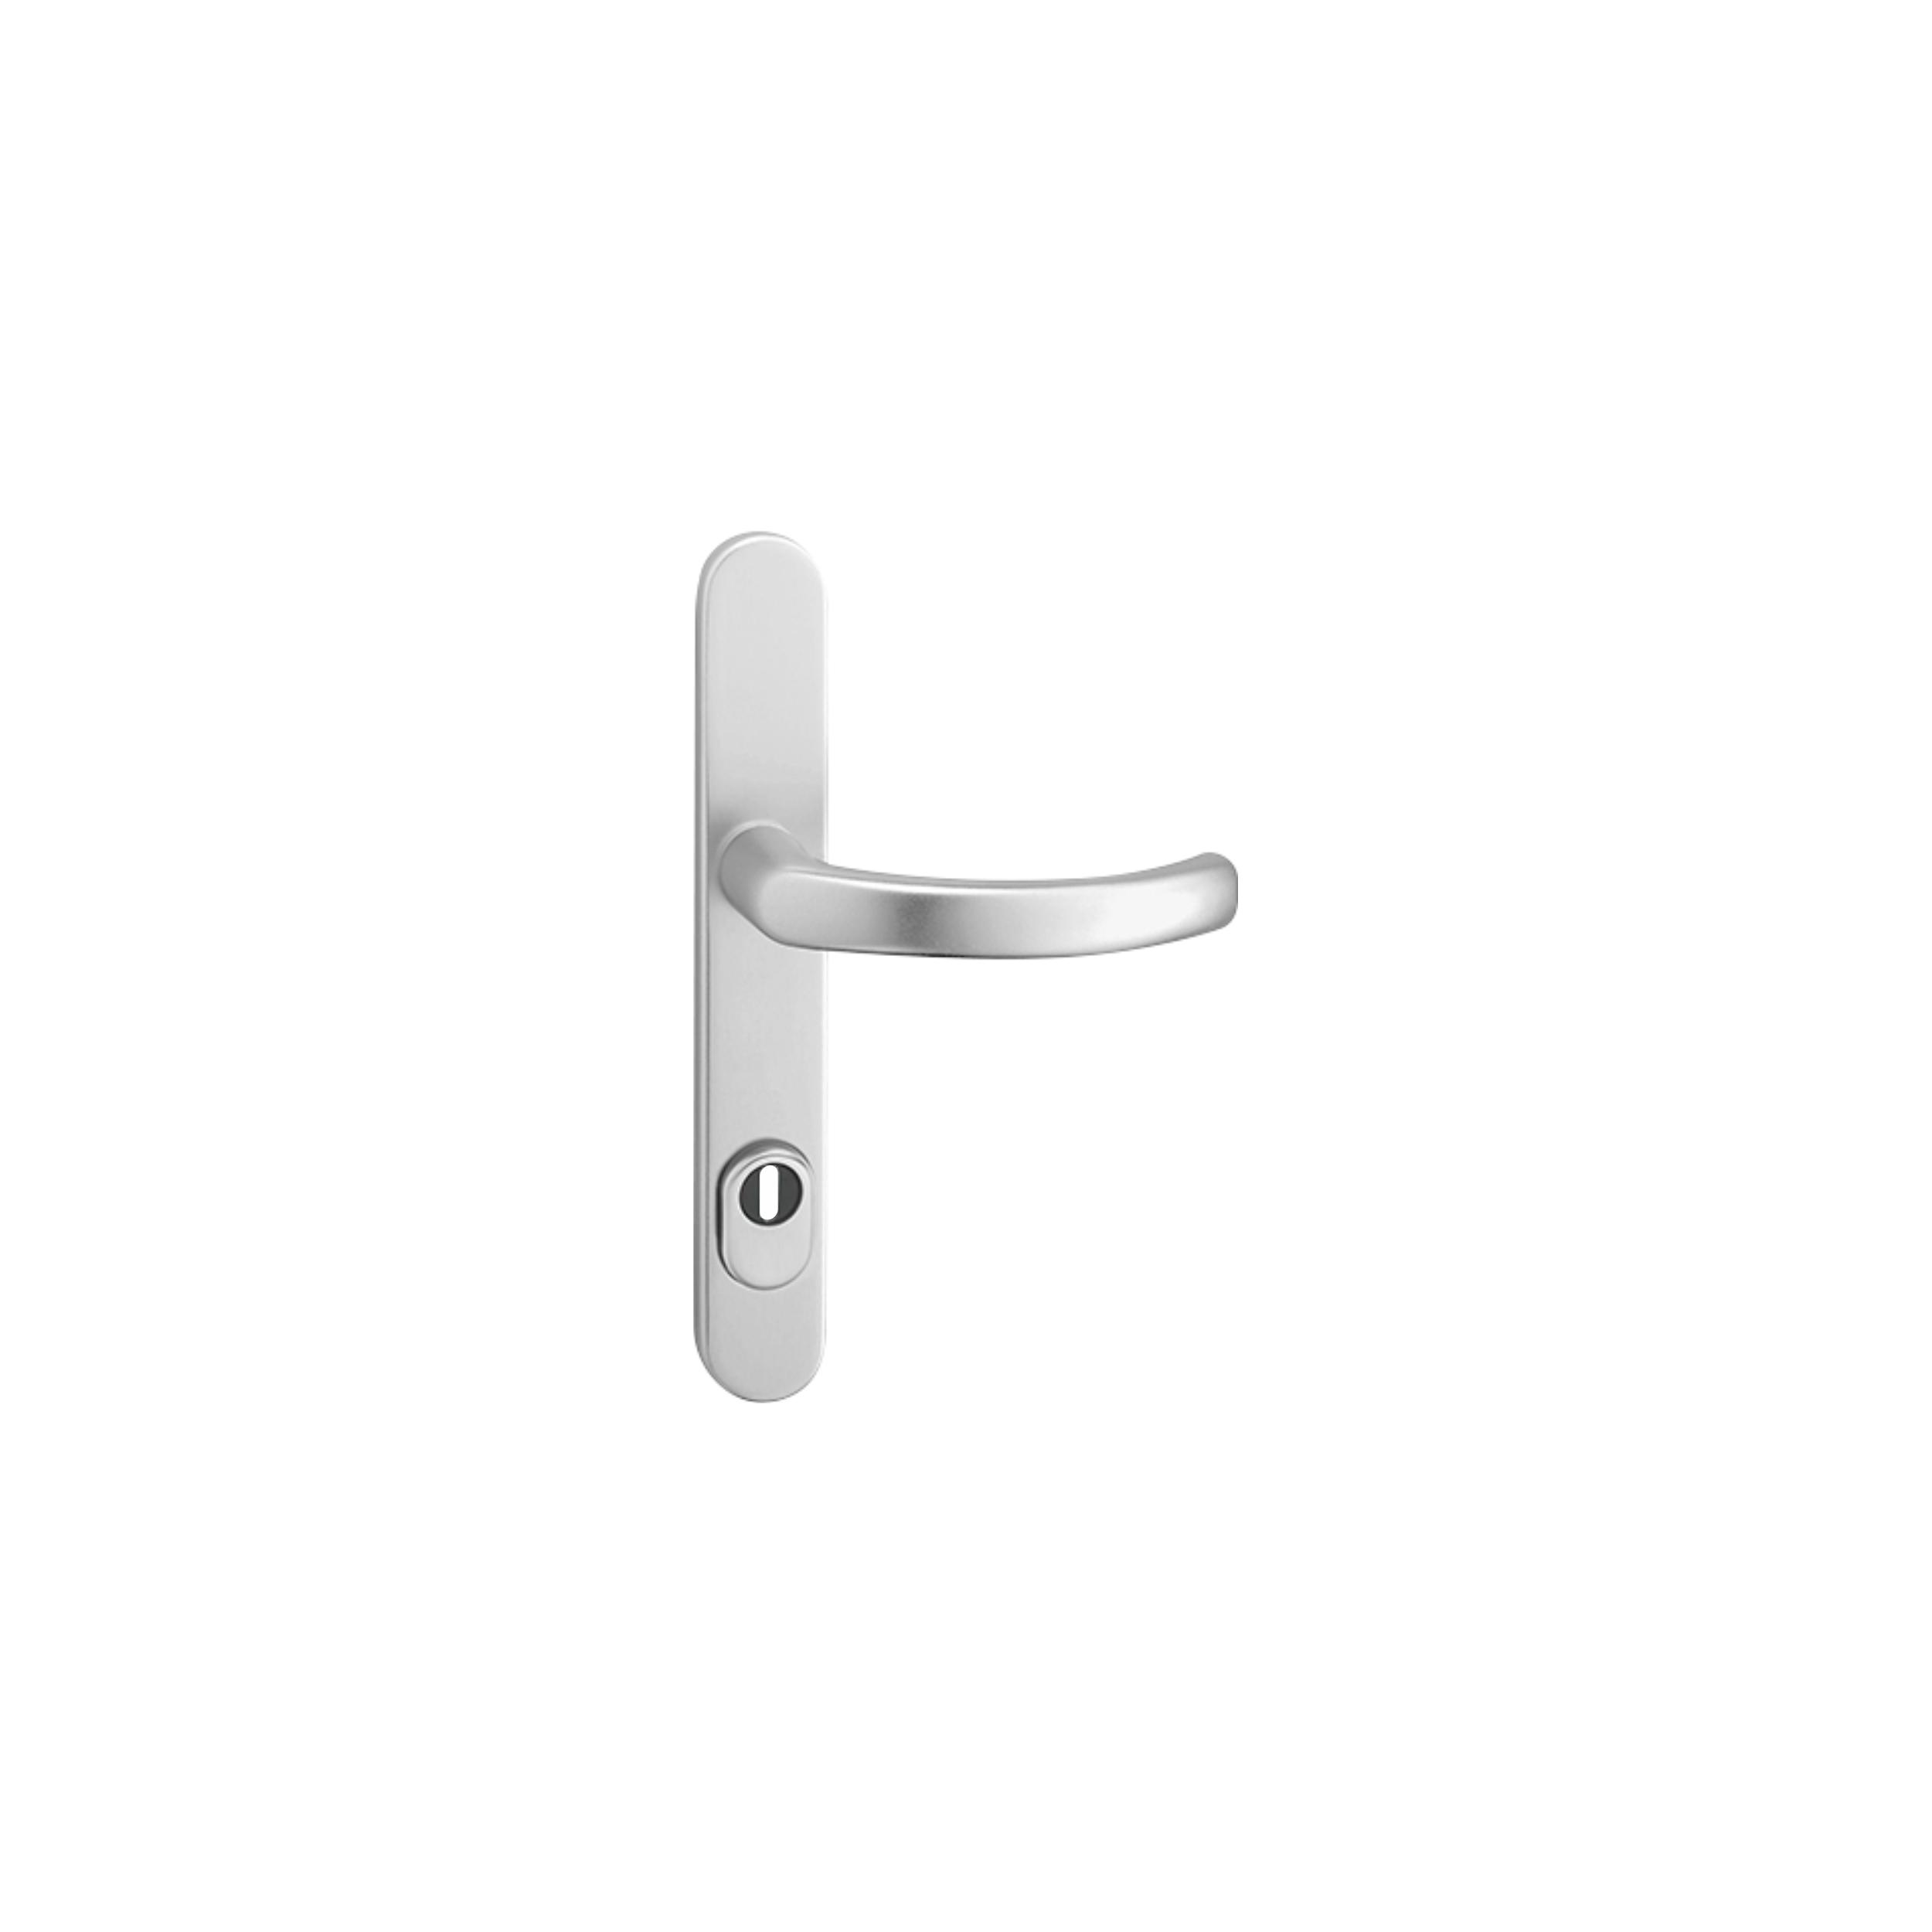 Dveřní kliky, příslušenství k vchodovým dveřím